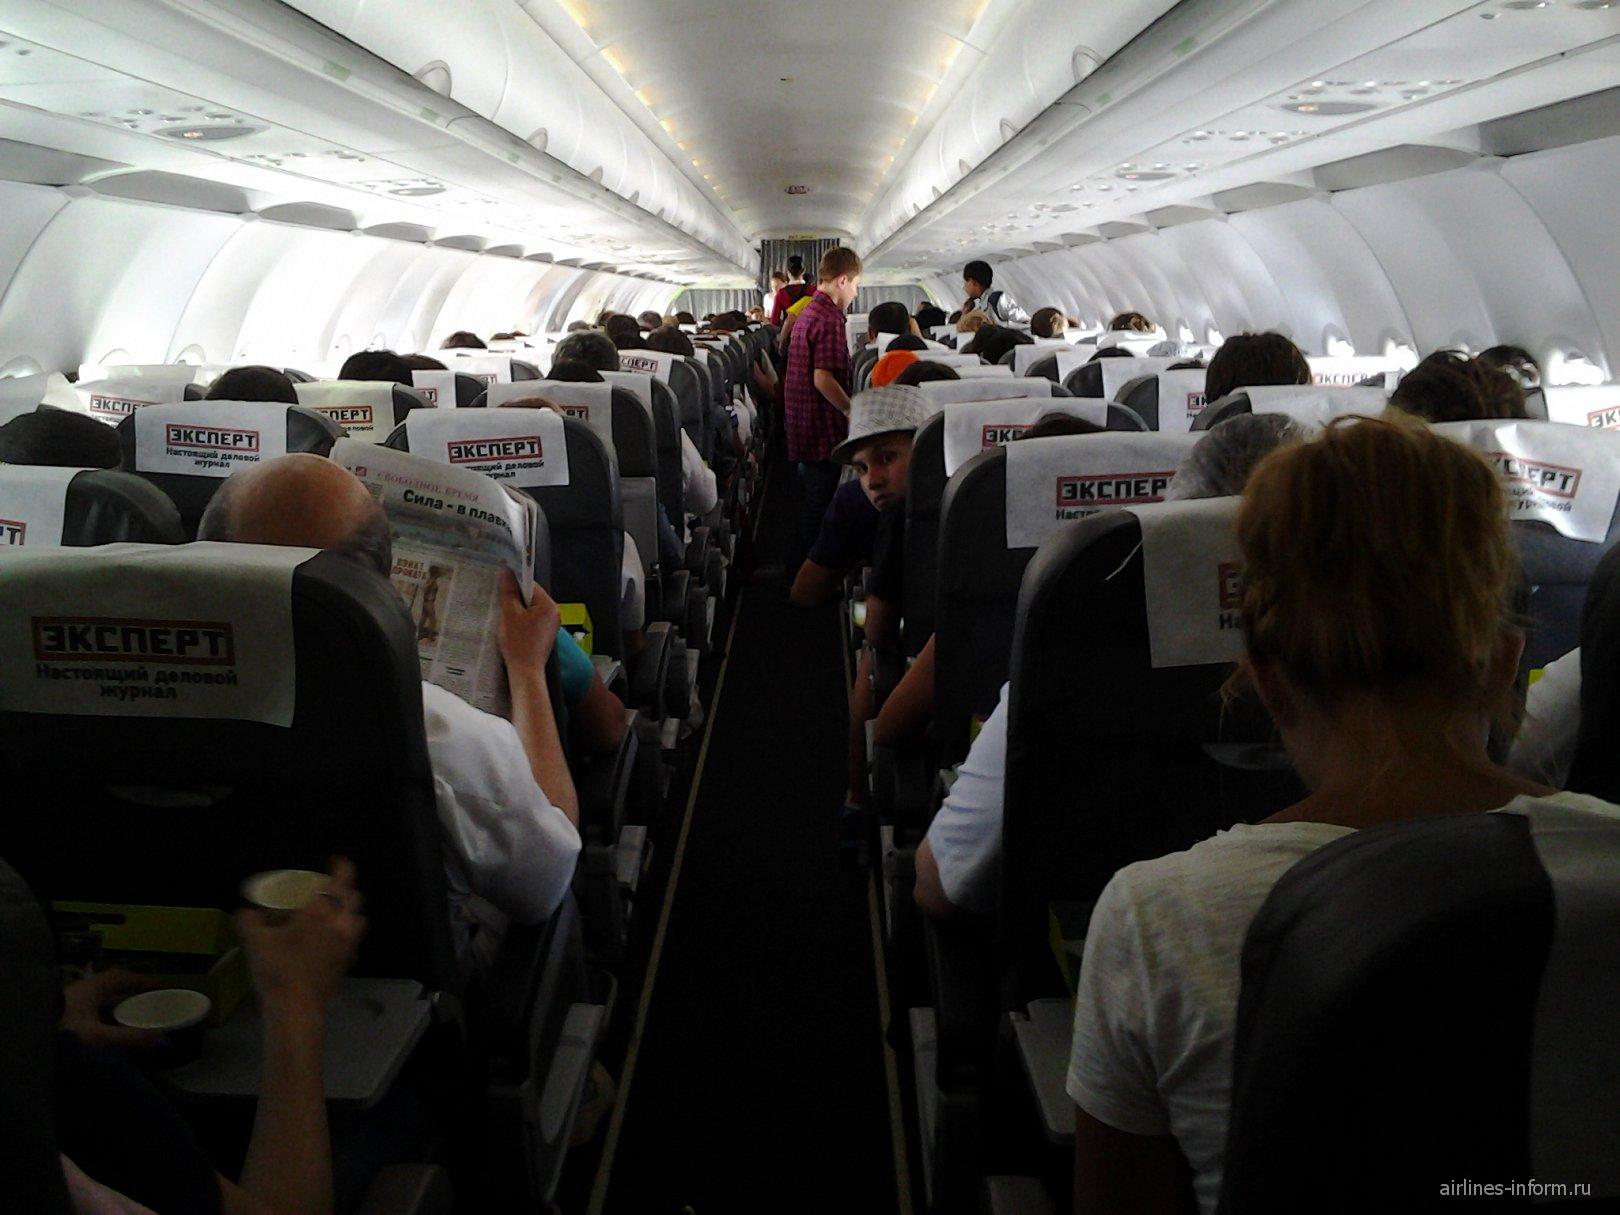 Салон самолета Эрбас А-320 авиакомпании S7 Airlines